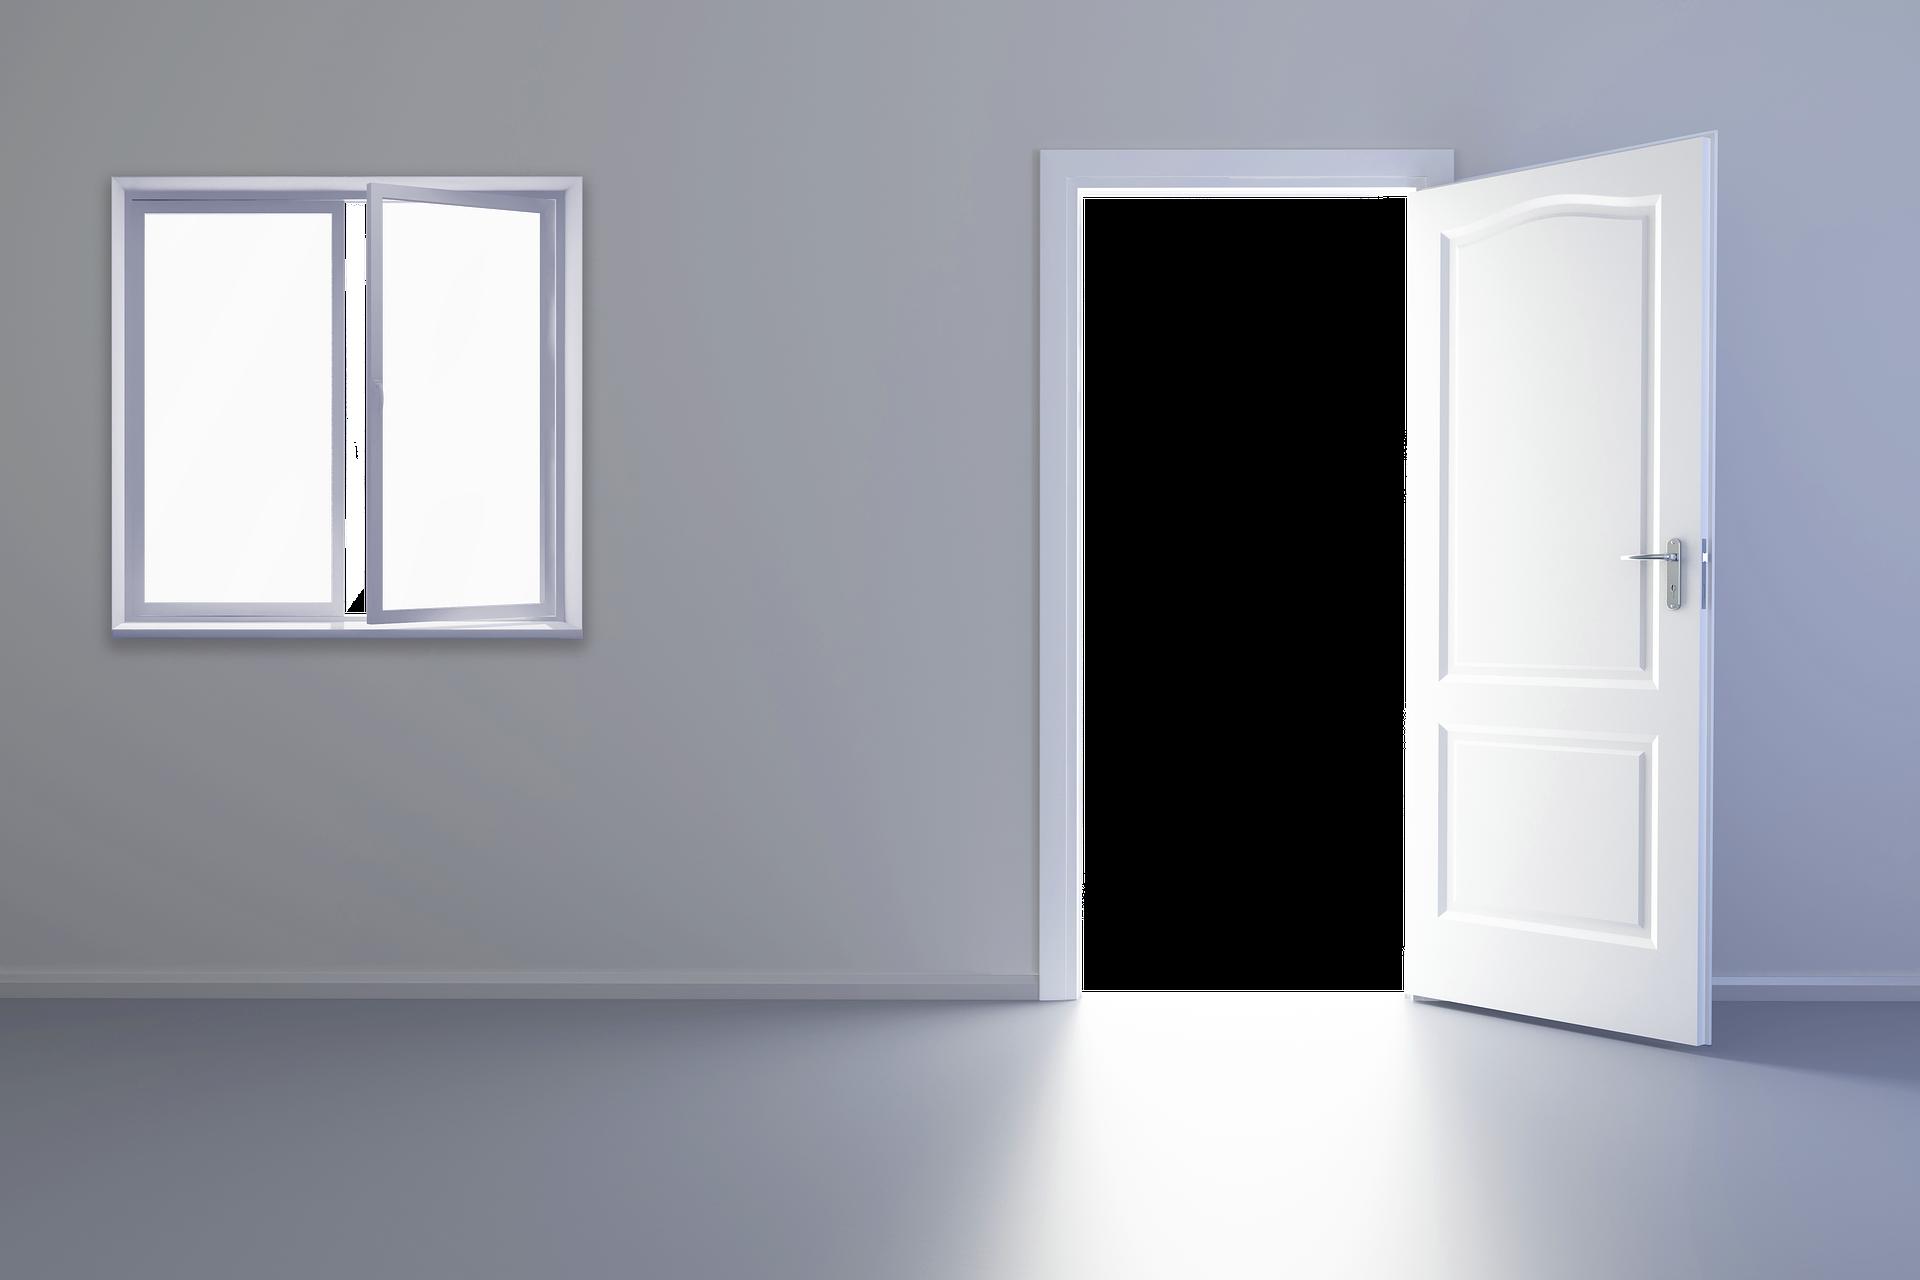 miestnosť dvere